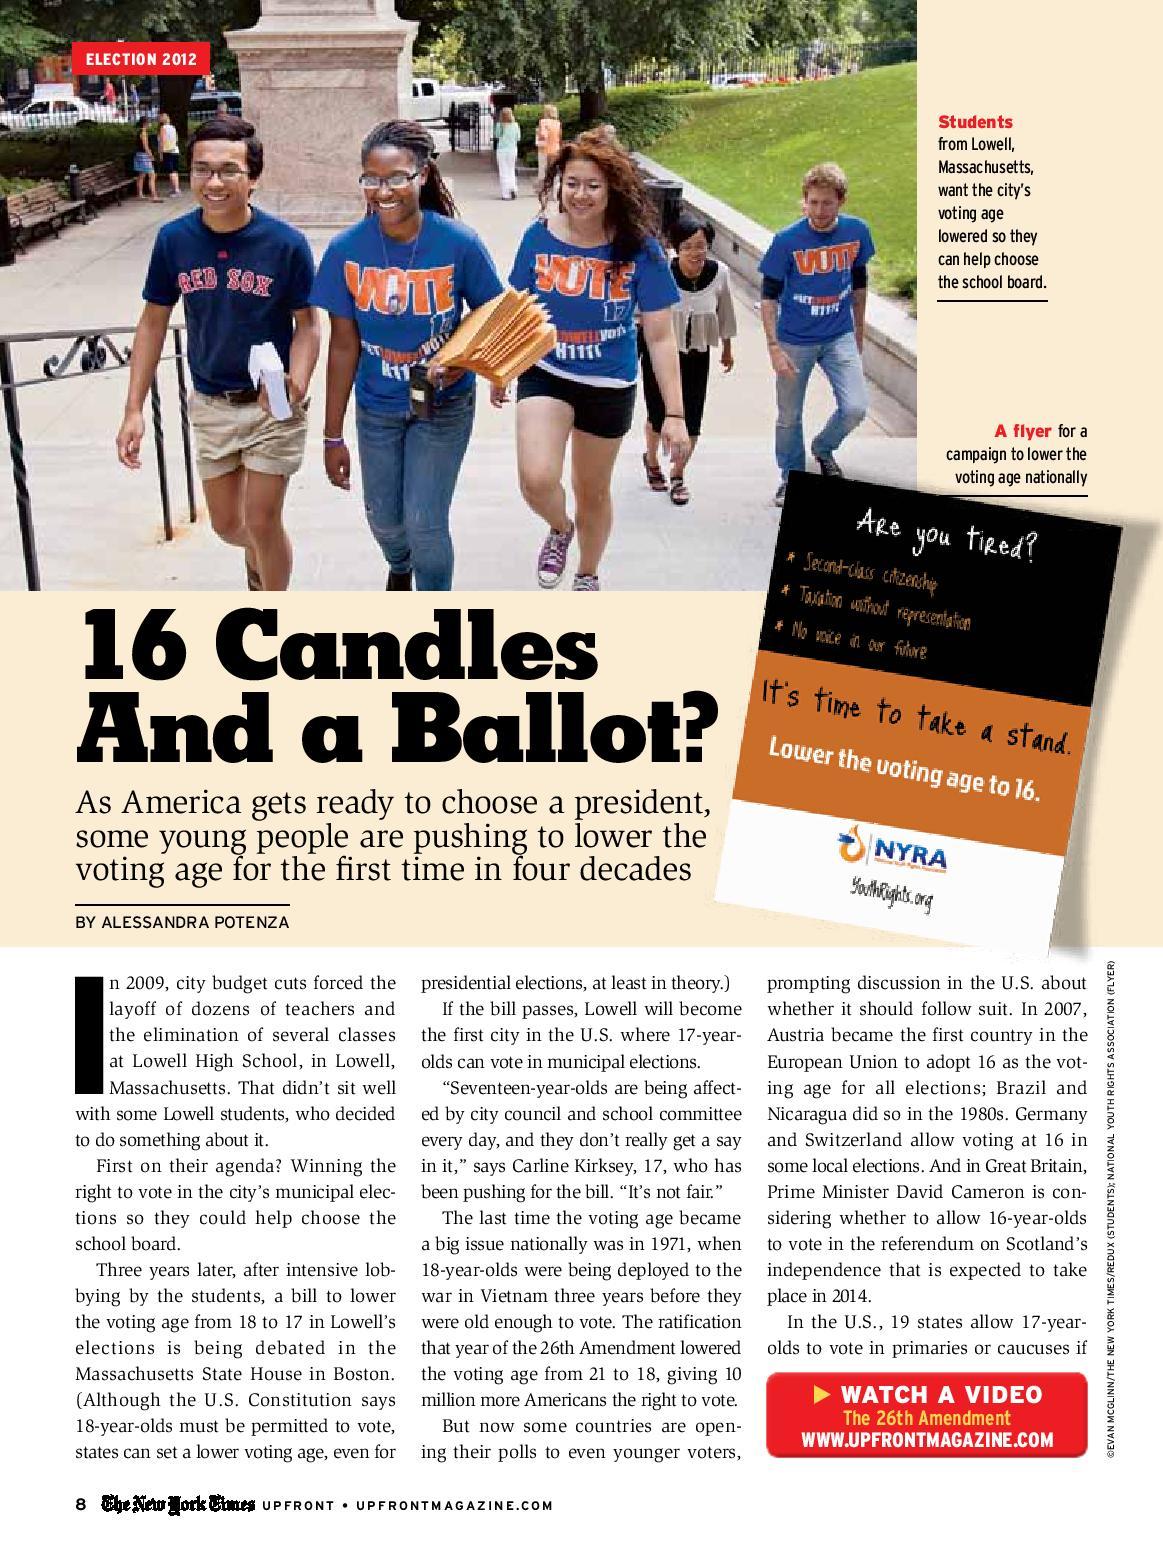 upf110512_VotingAgeSP-page-001.jpg